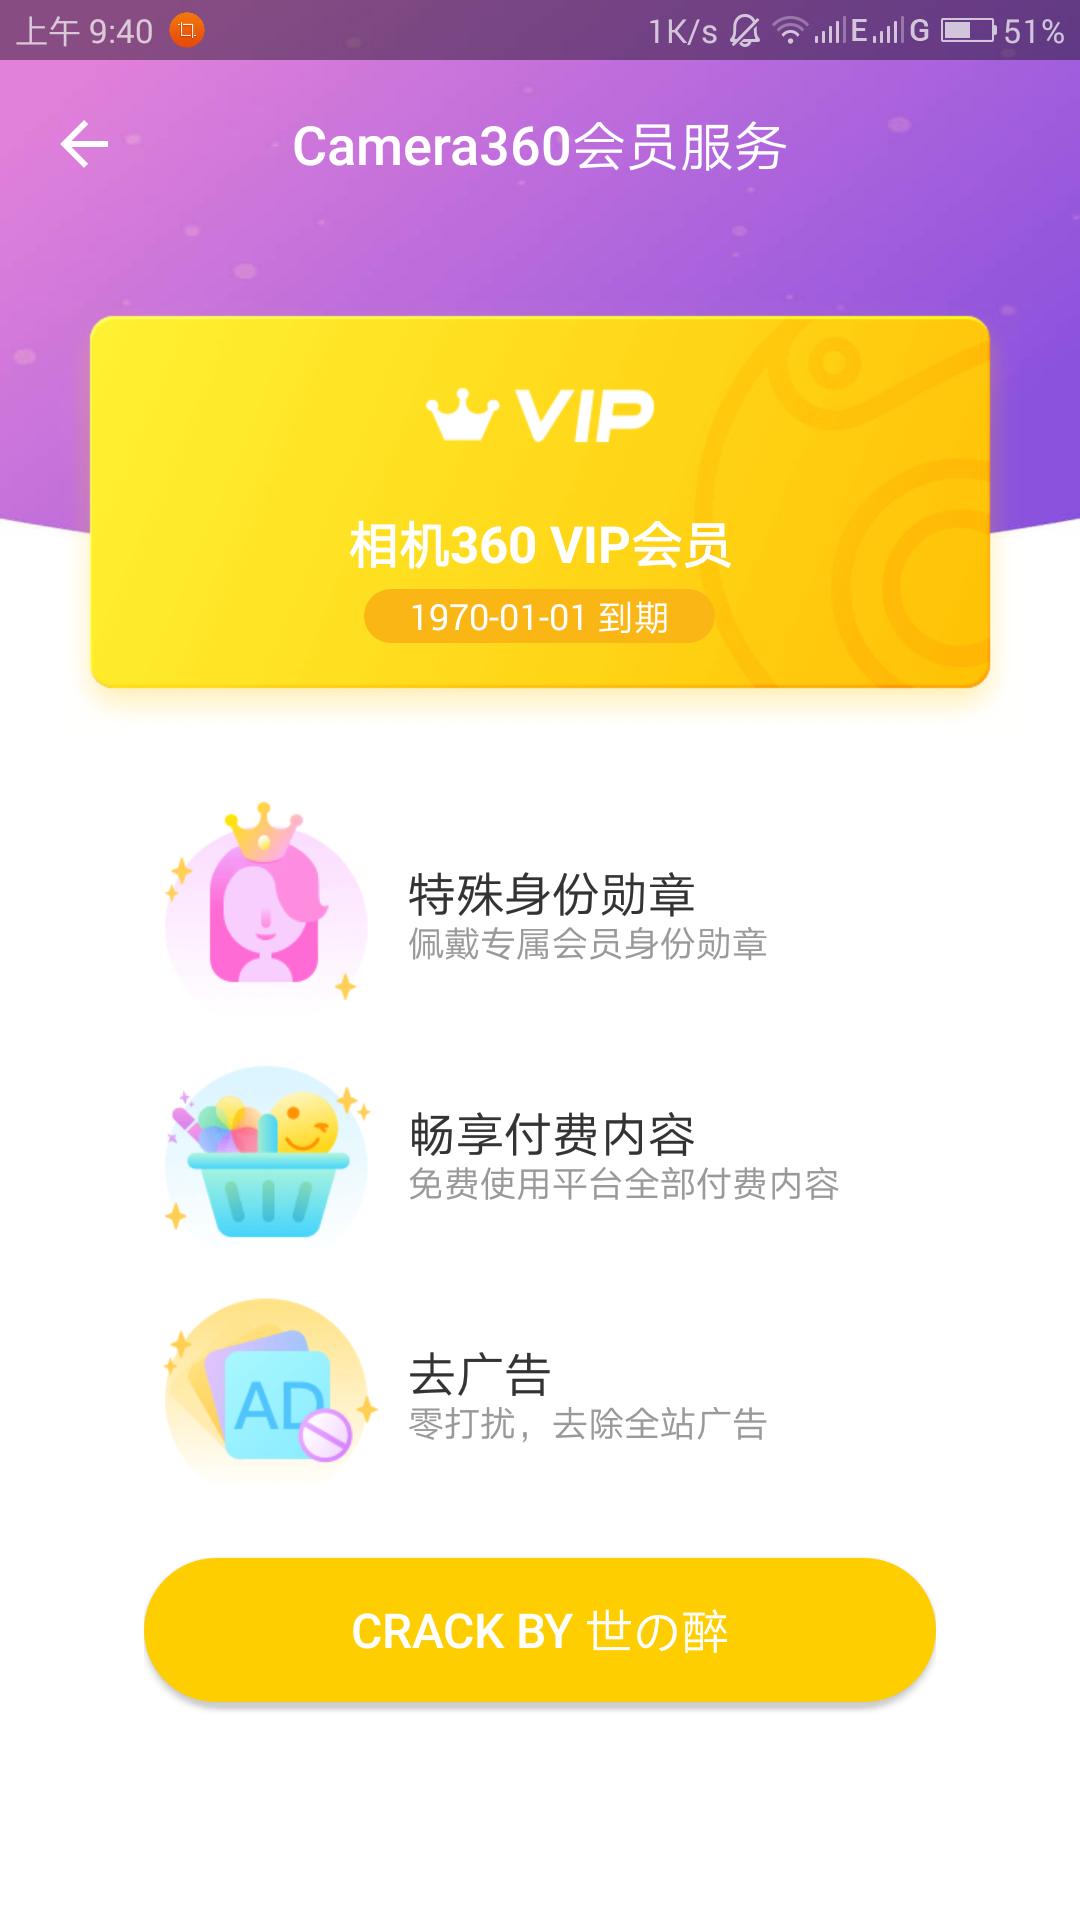 【2018-10-06】安卓相机360 V9.3.9 VIP破解版 By:世家丶醉